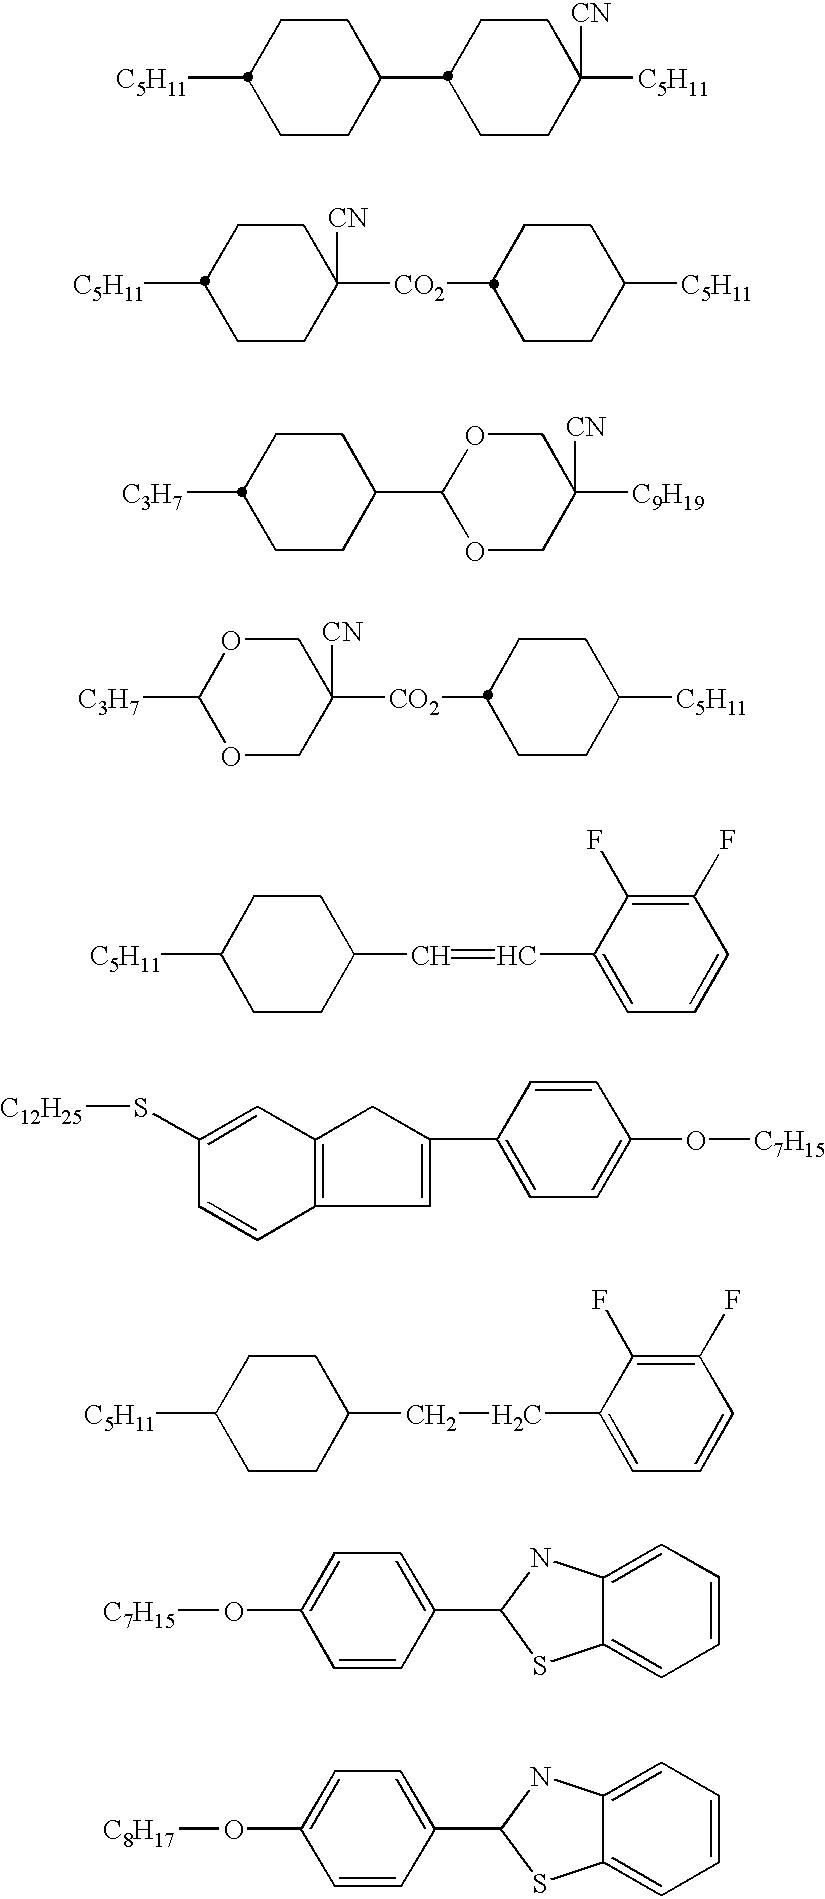 Figure US06580026-20030617-C00010